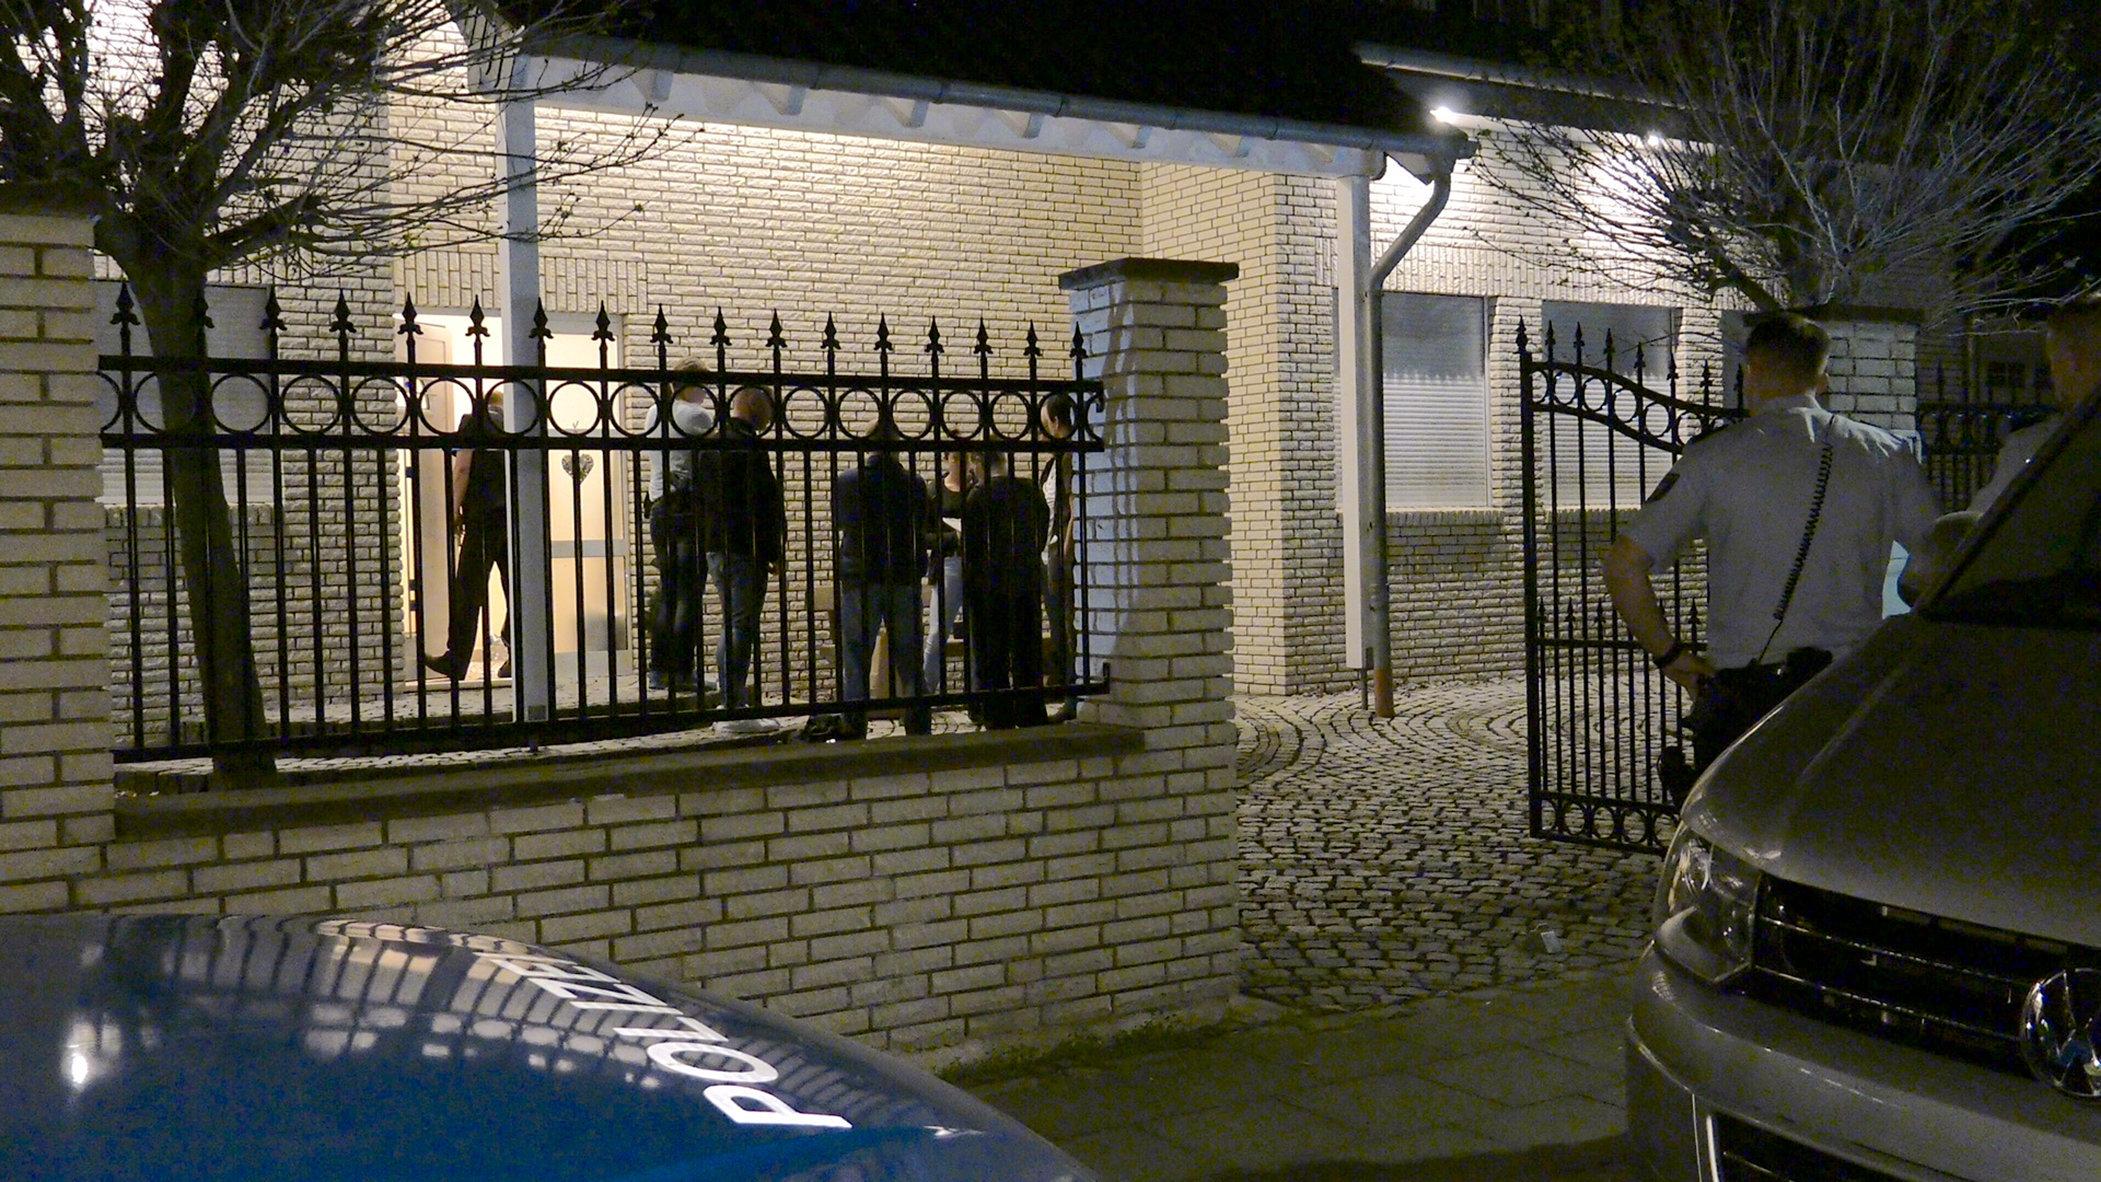 Familiendrama in Köln: 27-Jähriger tötet Stiefvater mit Beil